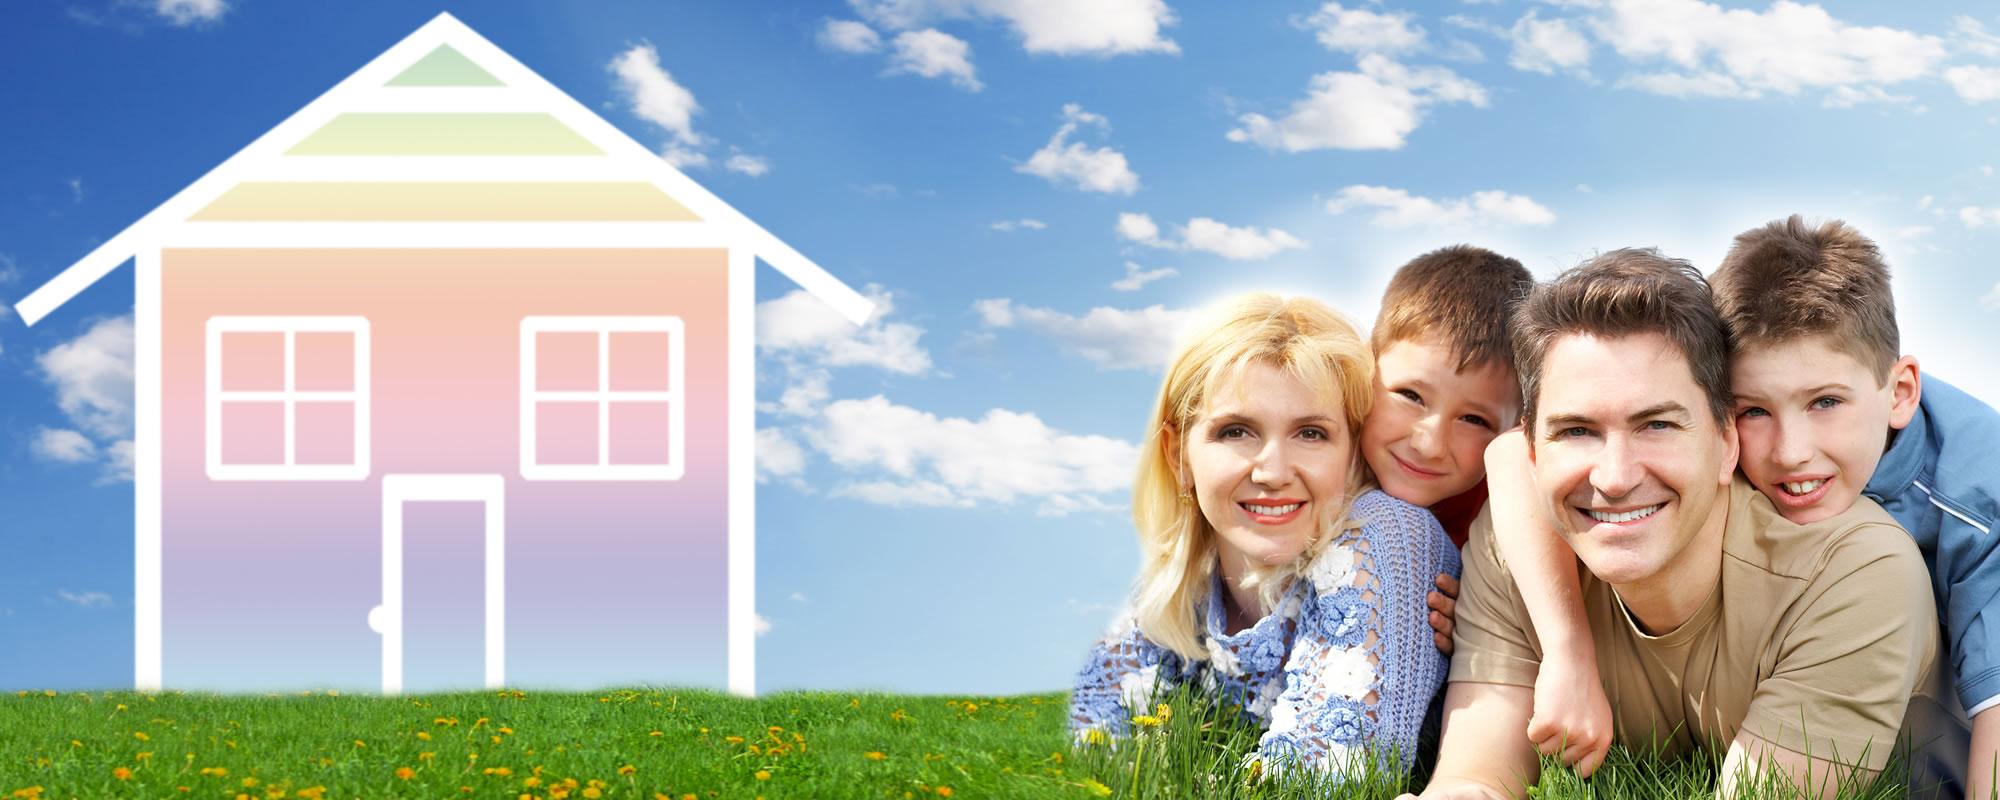 Proteger sua casa <br /><strong>custa muito pouco</strong>